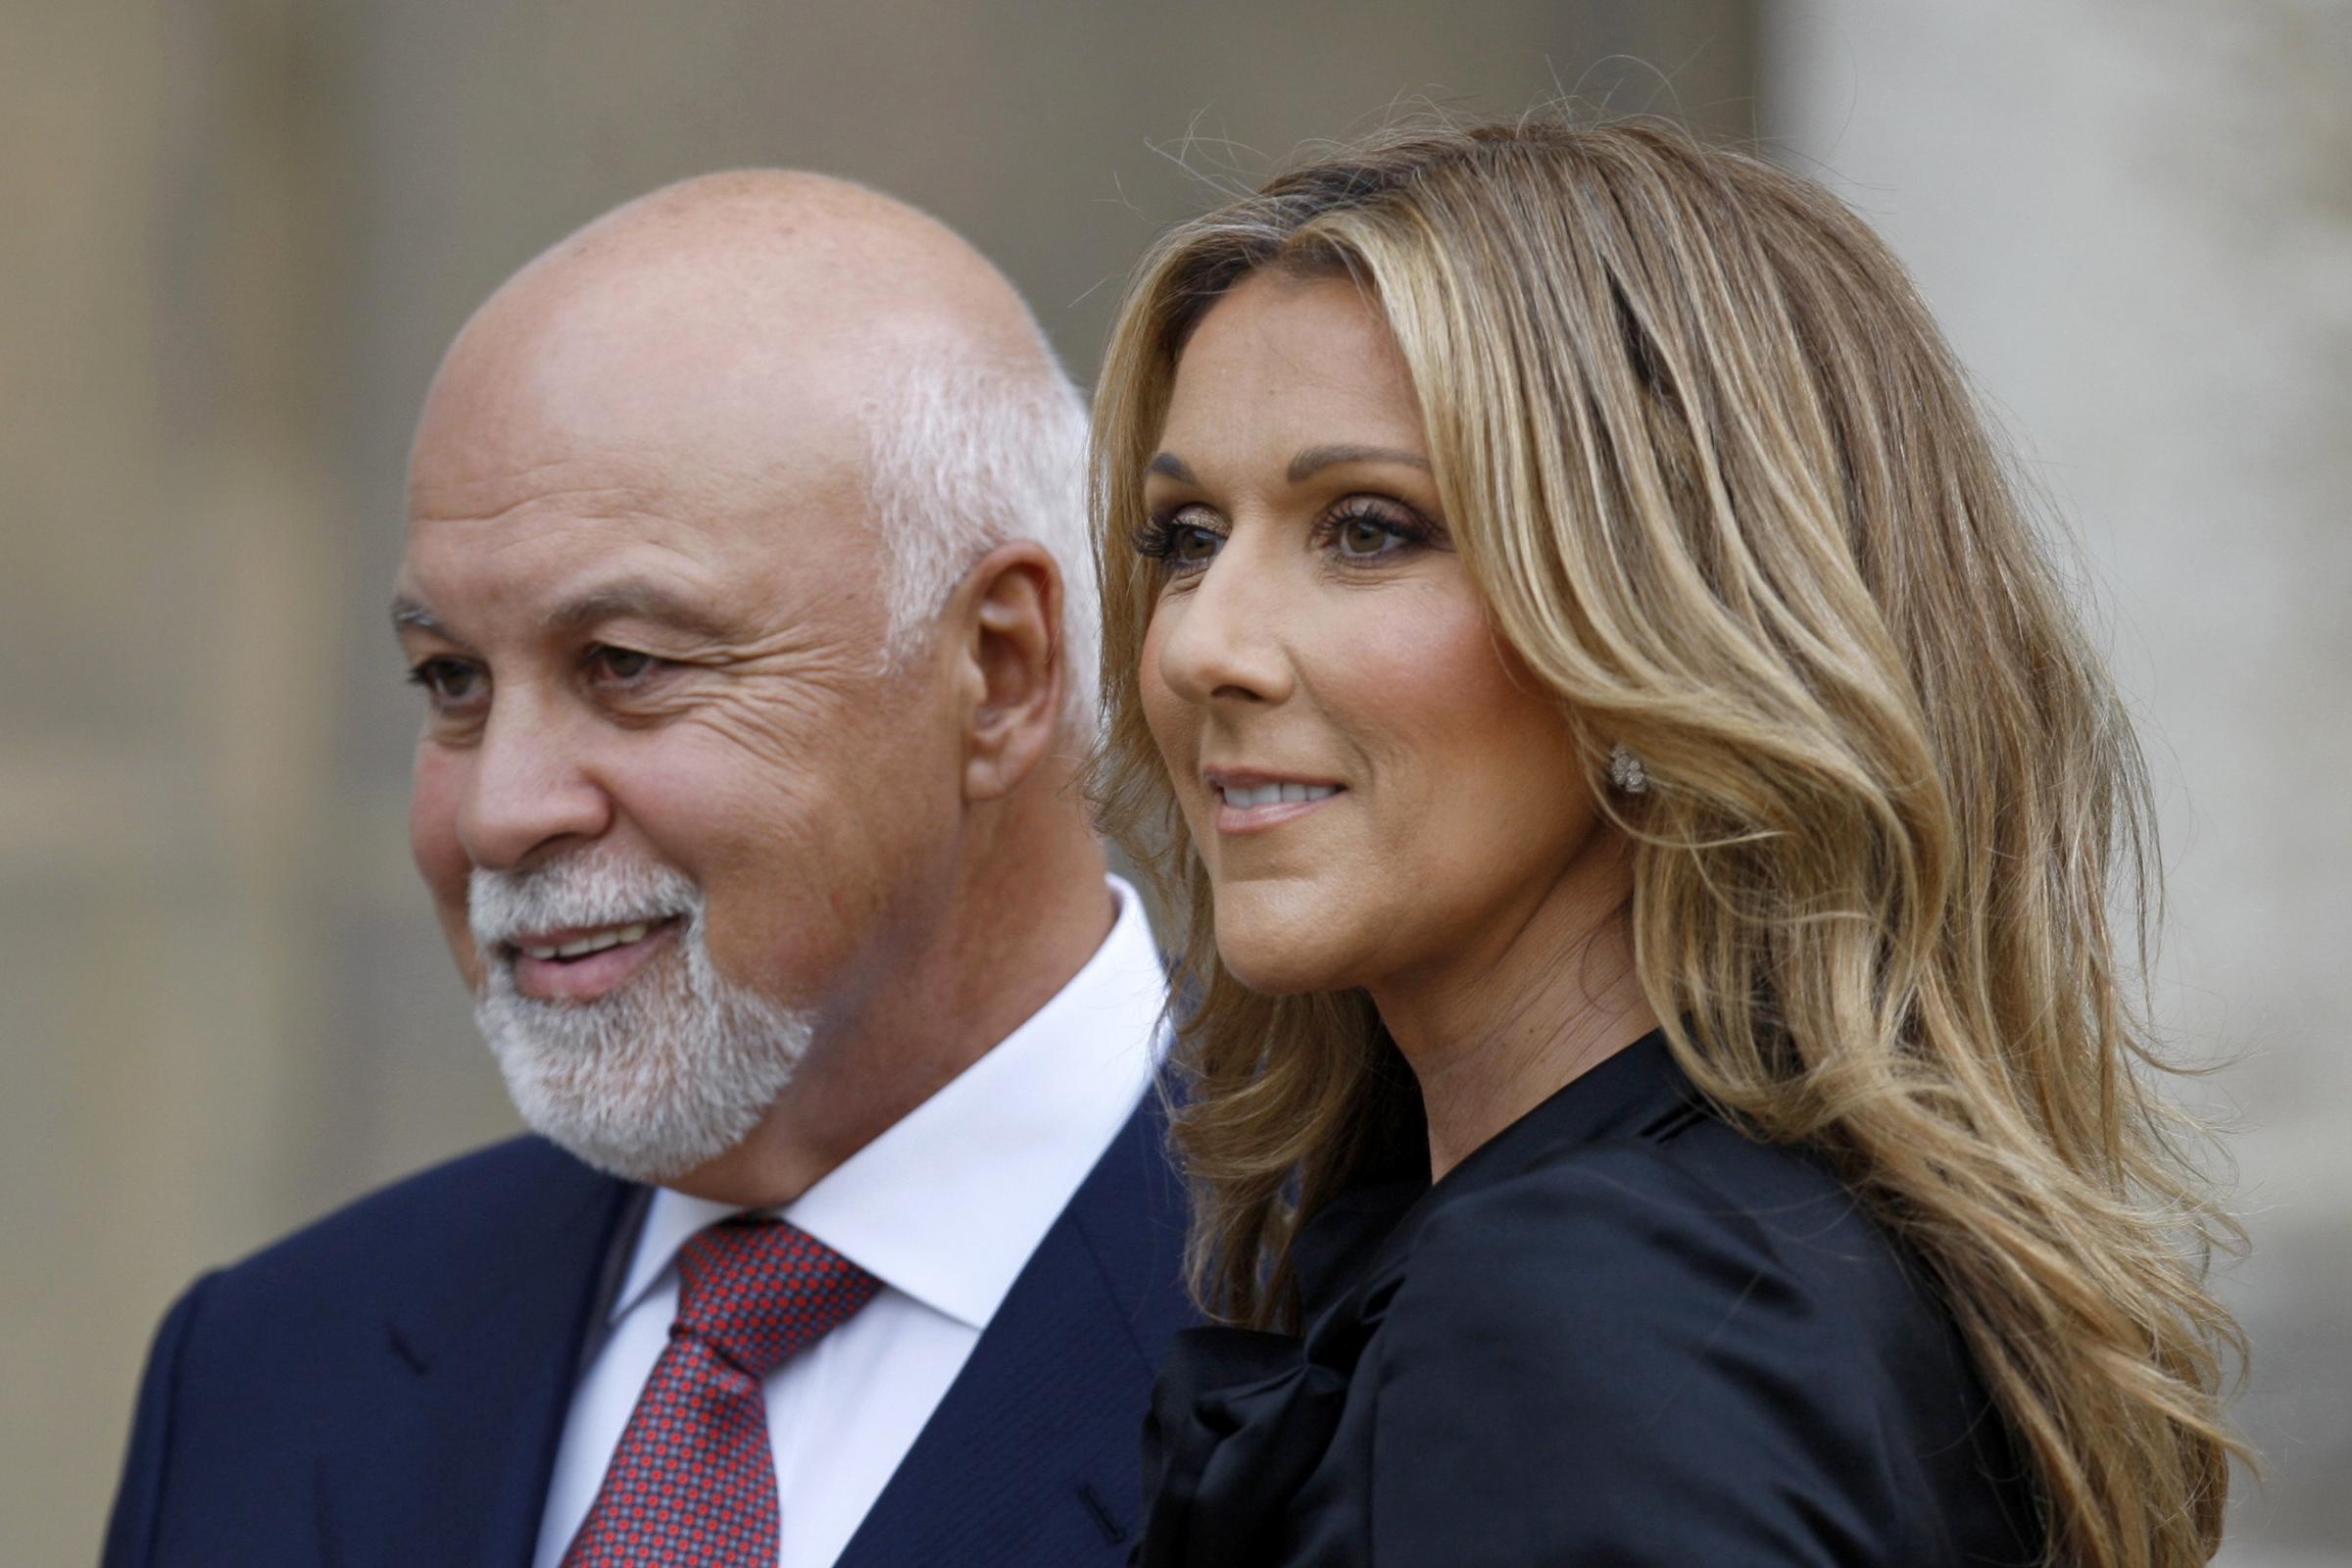 Celine Dion's husband Rene Angelil dies of cancer